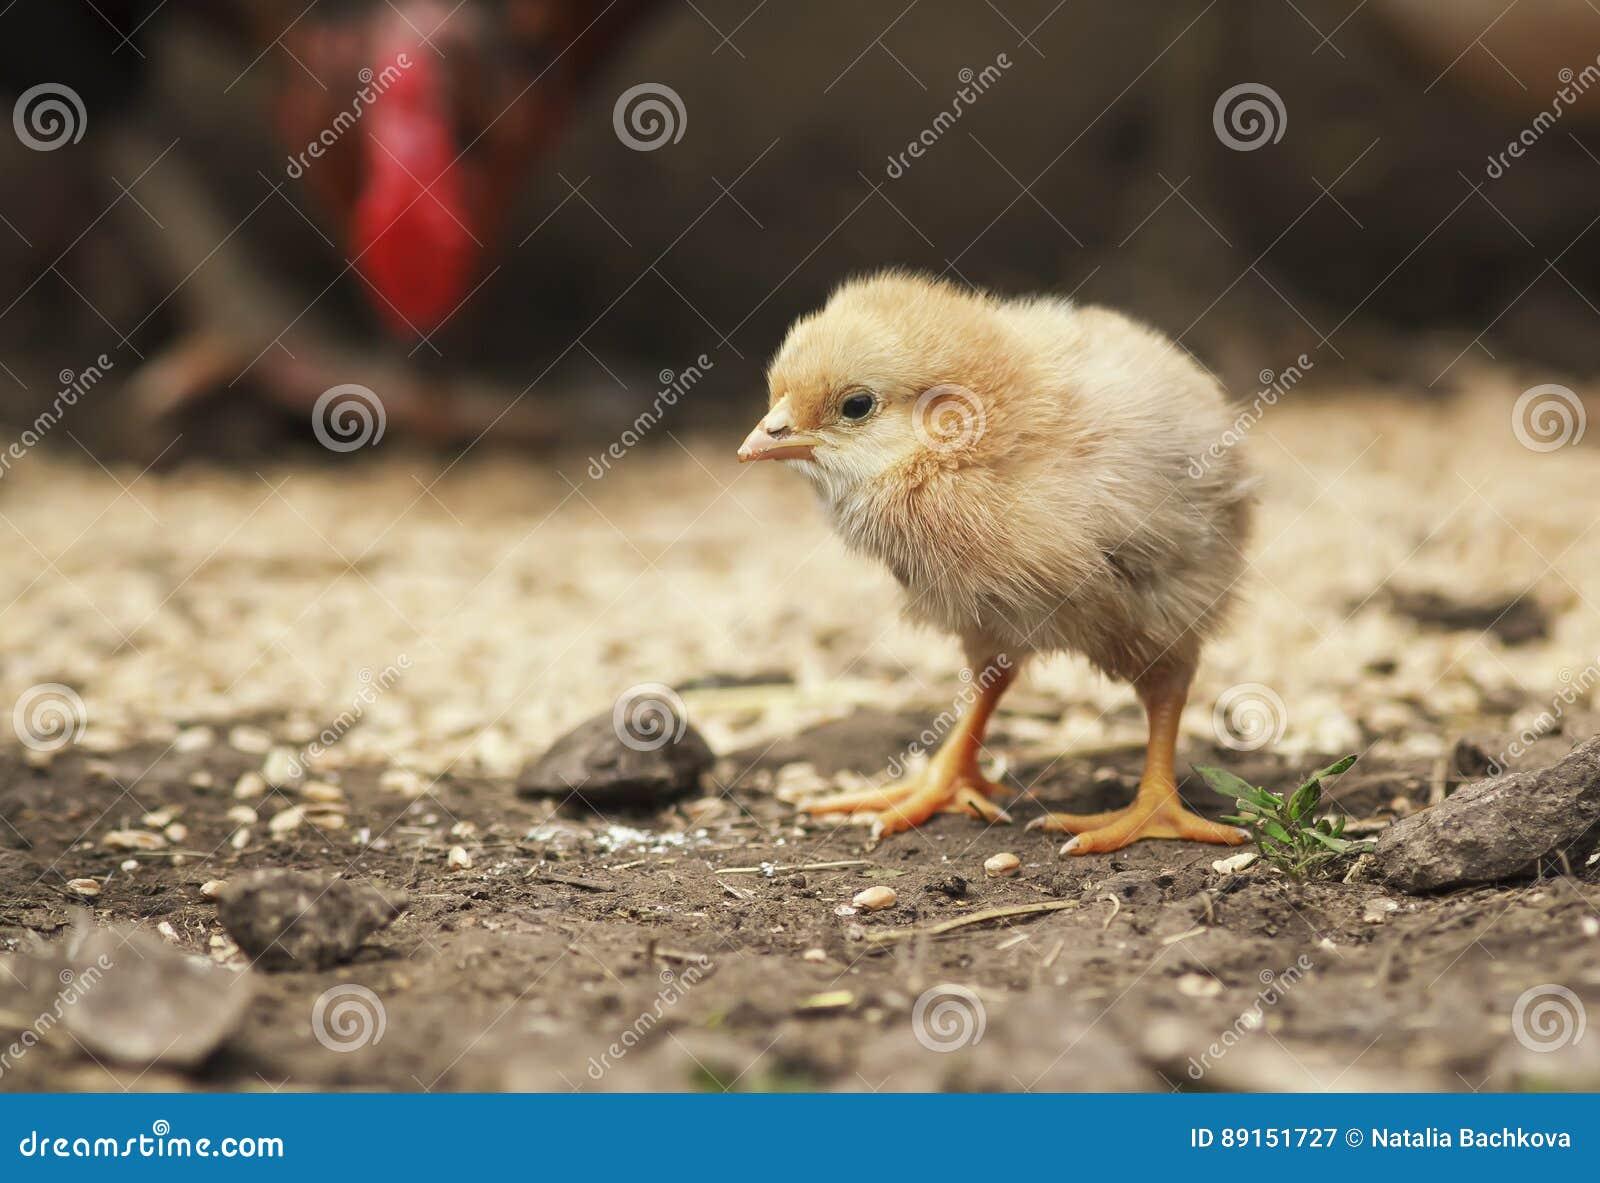 Pollo divertido del corral pequeño que camina alrededor del corral